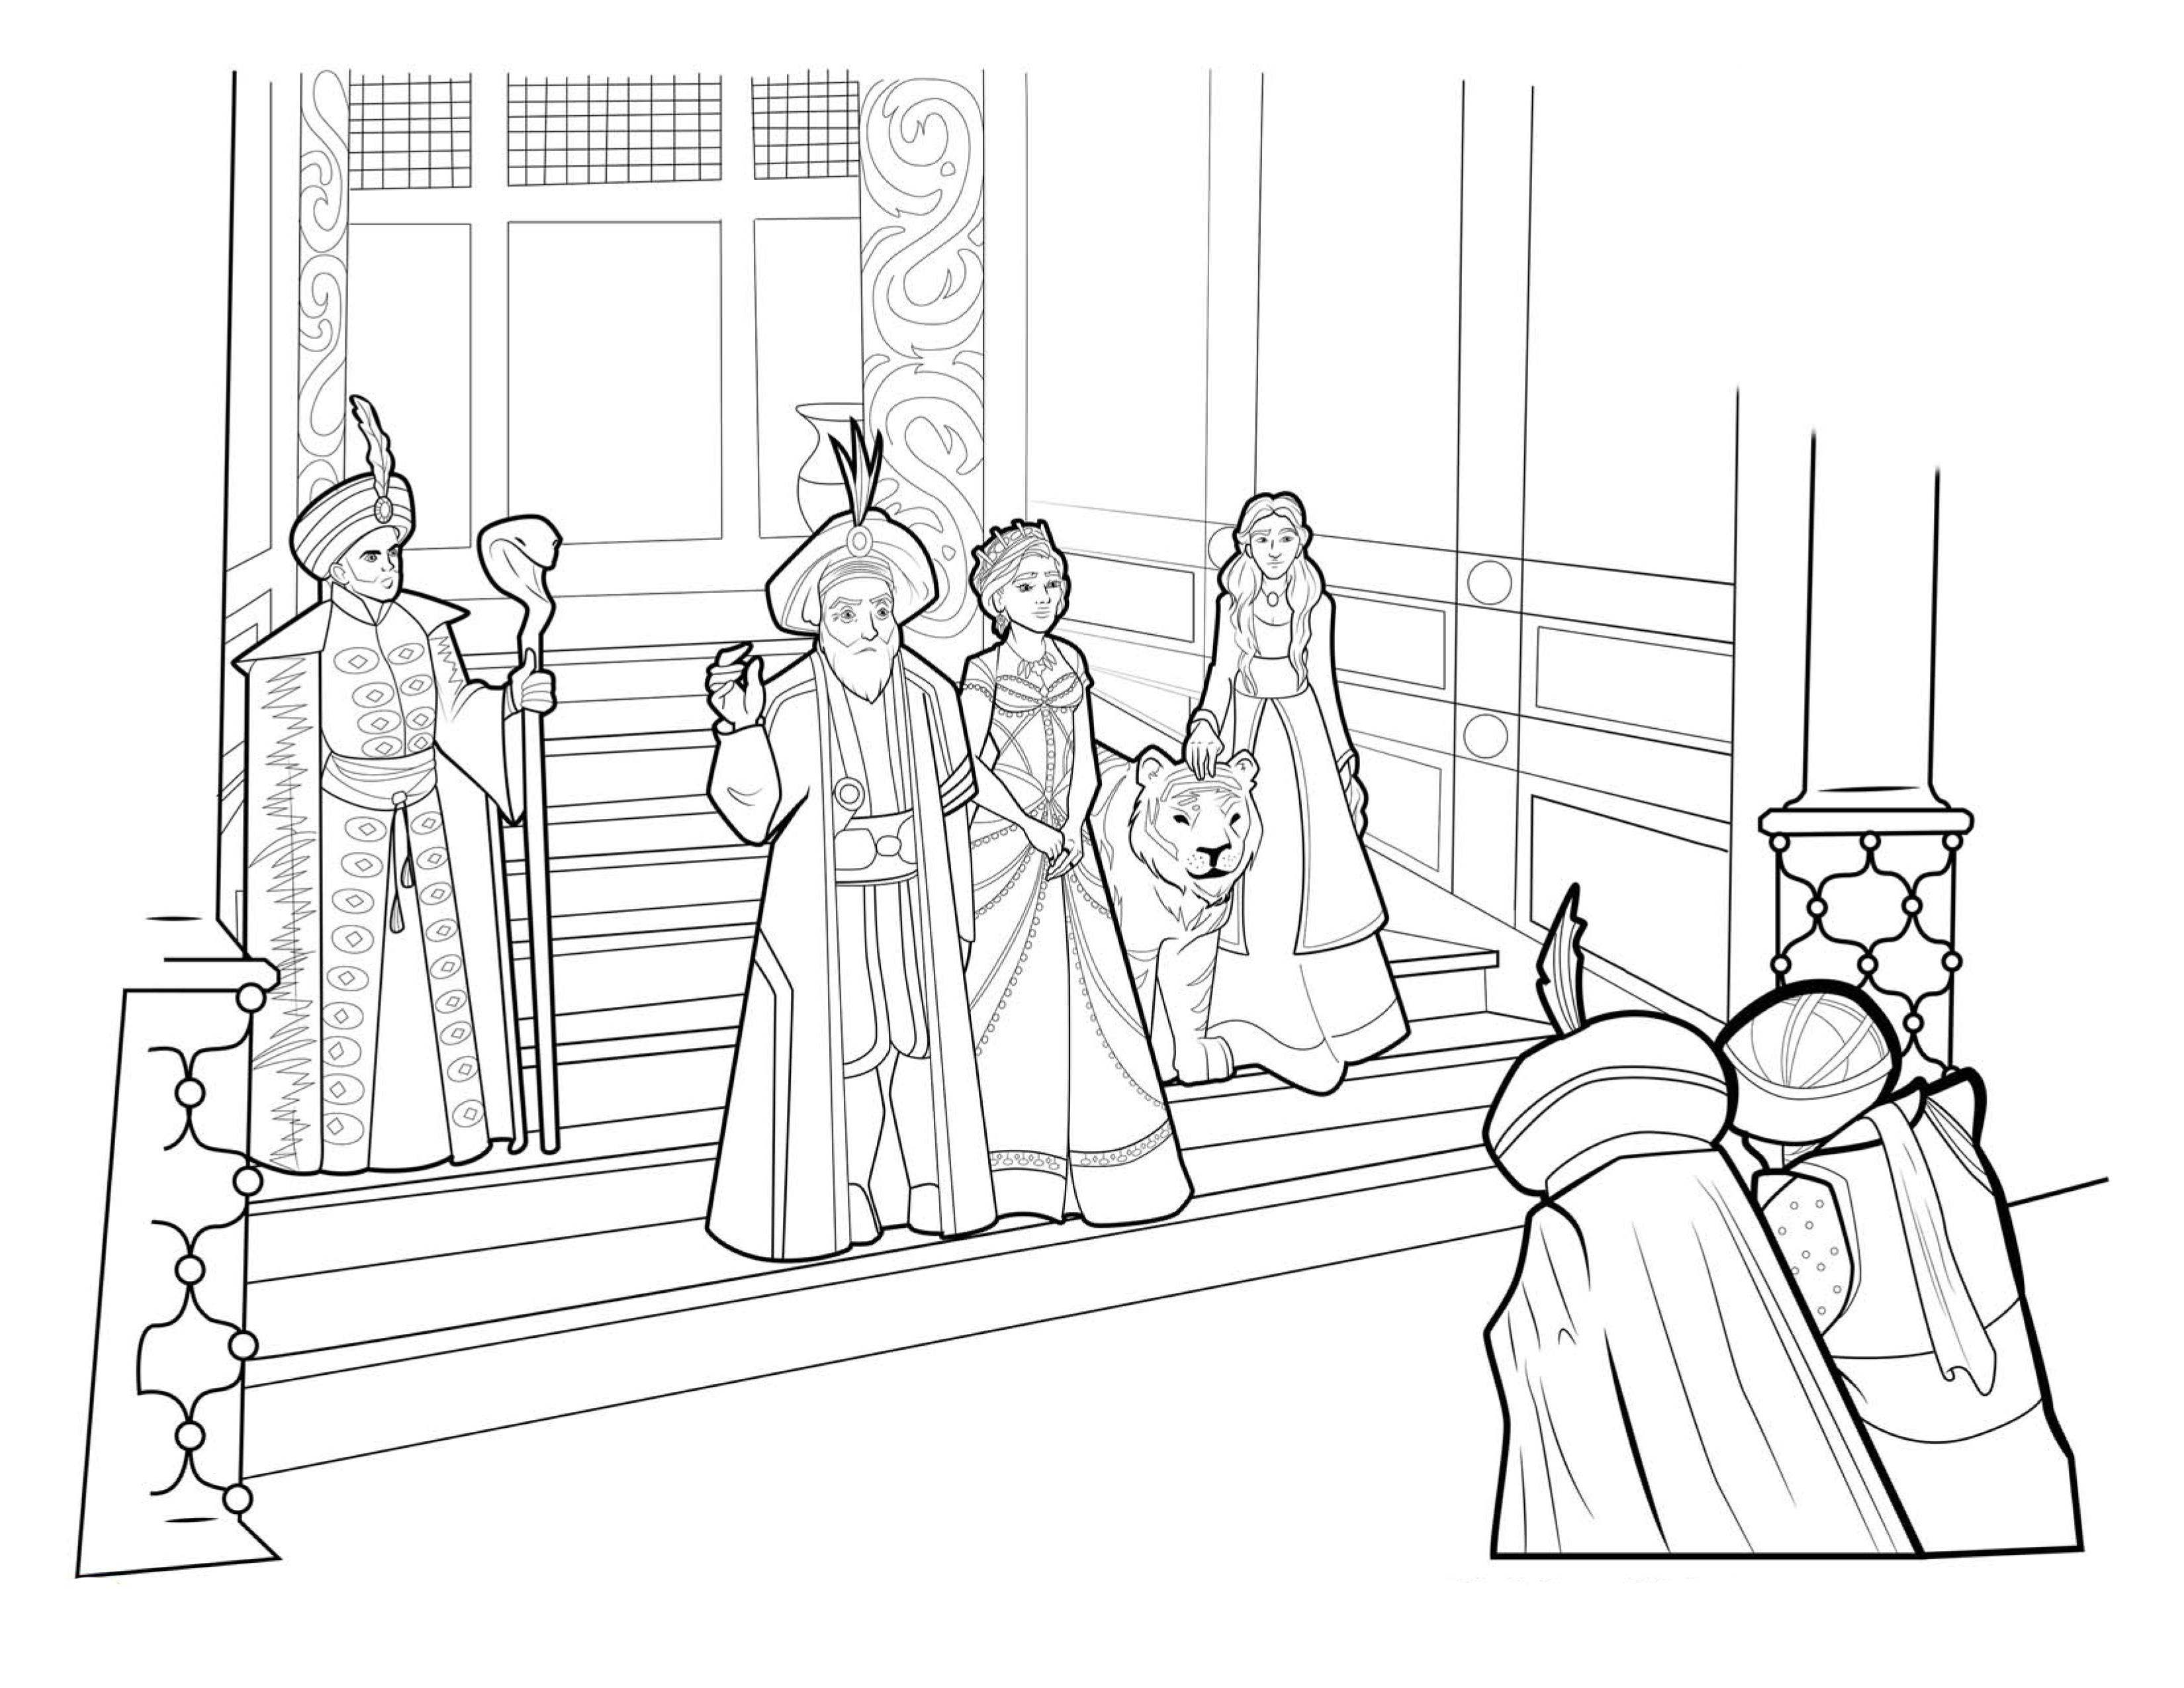 Раскраска картинка по фильму Аладдин - сцена во дворце ...